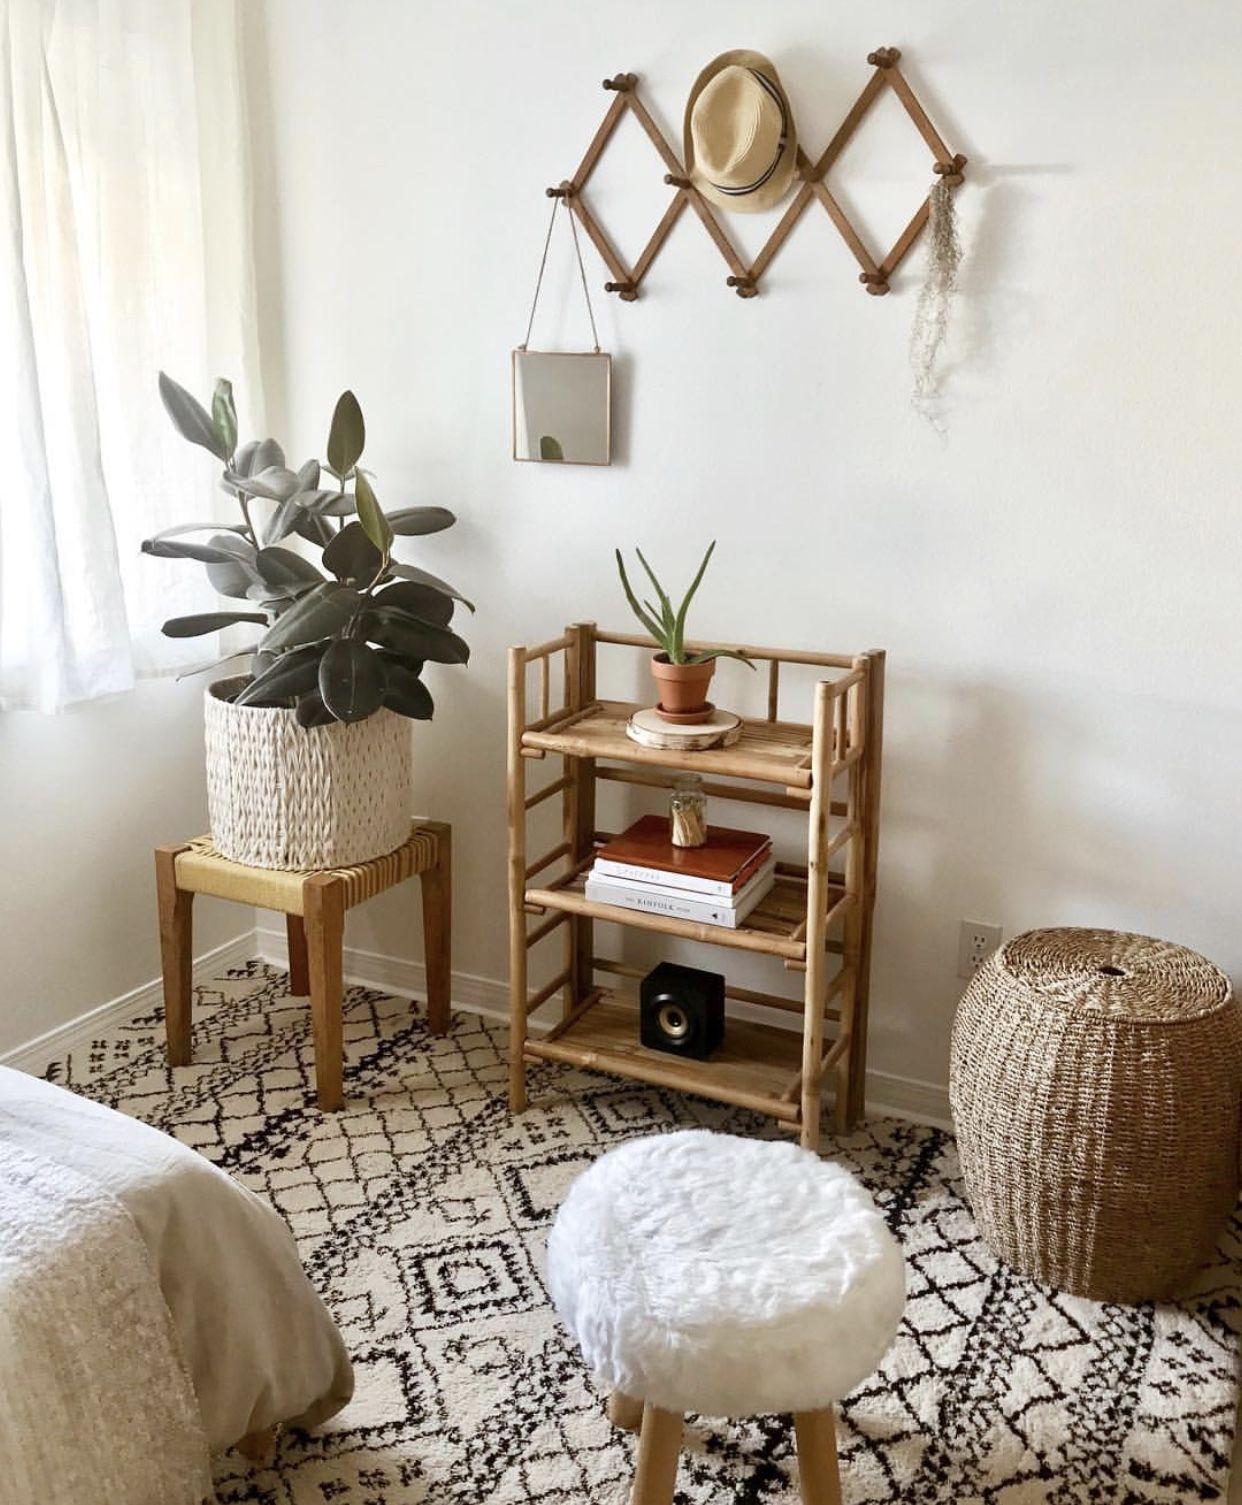 Pin de yasmine en h o m e pinterest hogar casas for Decoraciones rusticas para el hogar